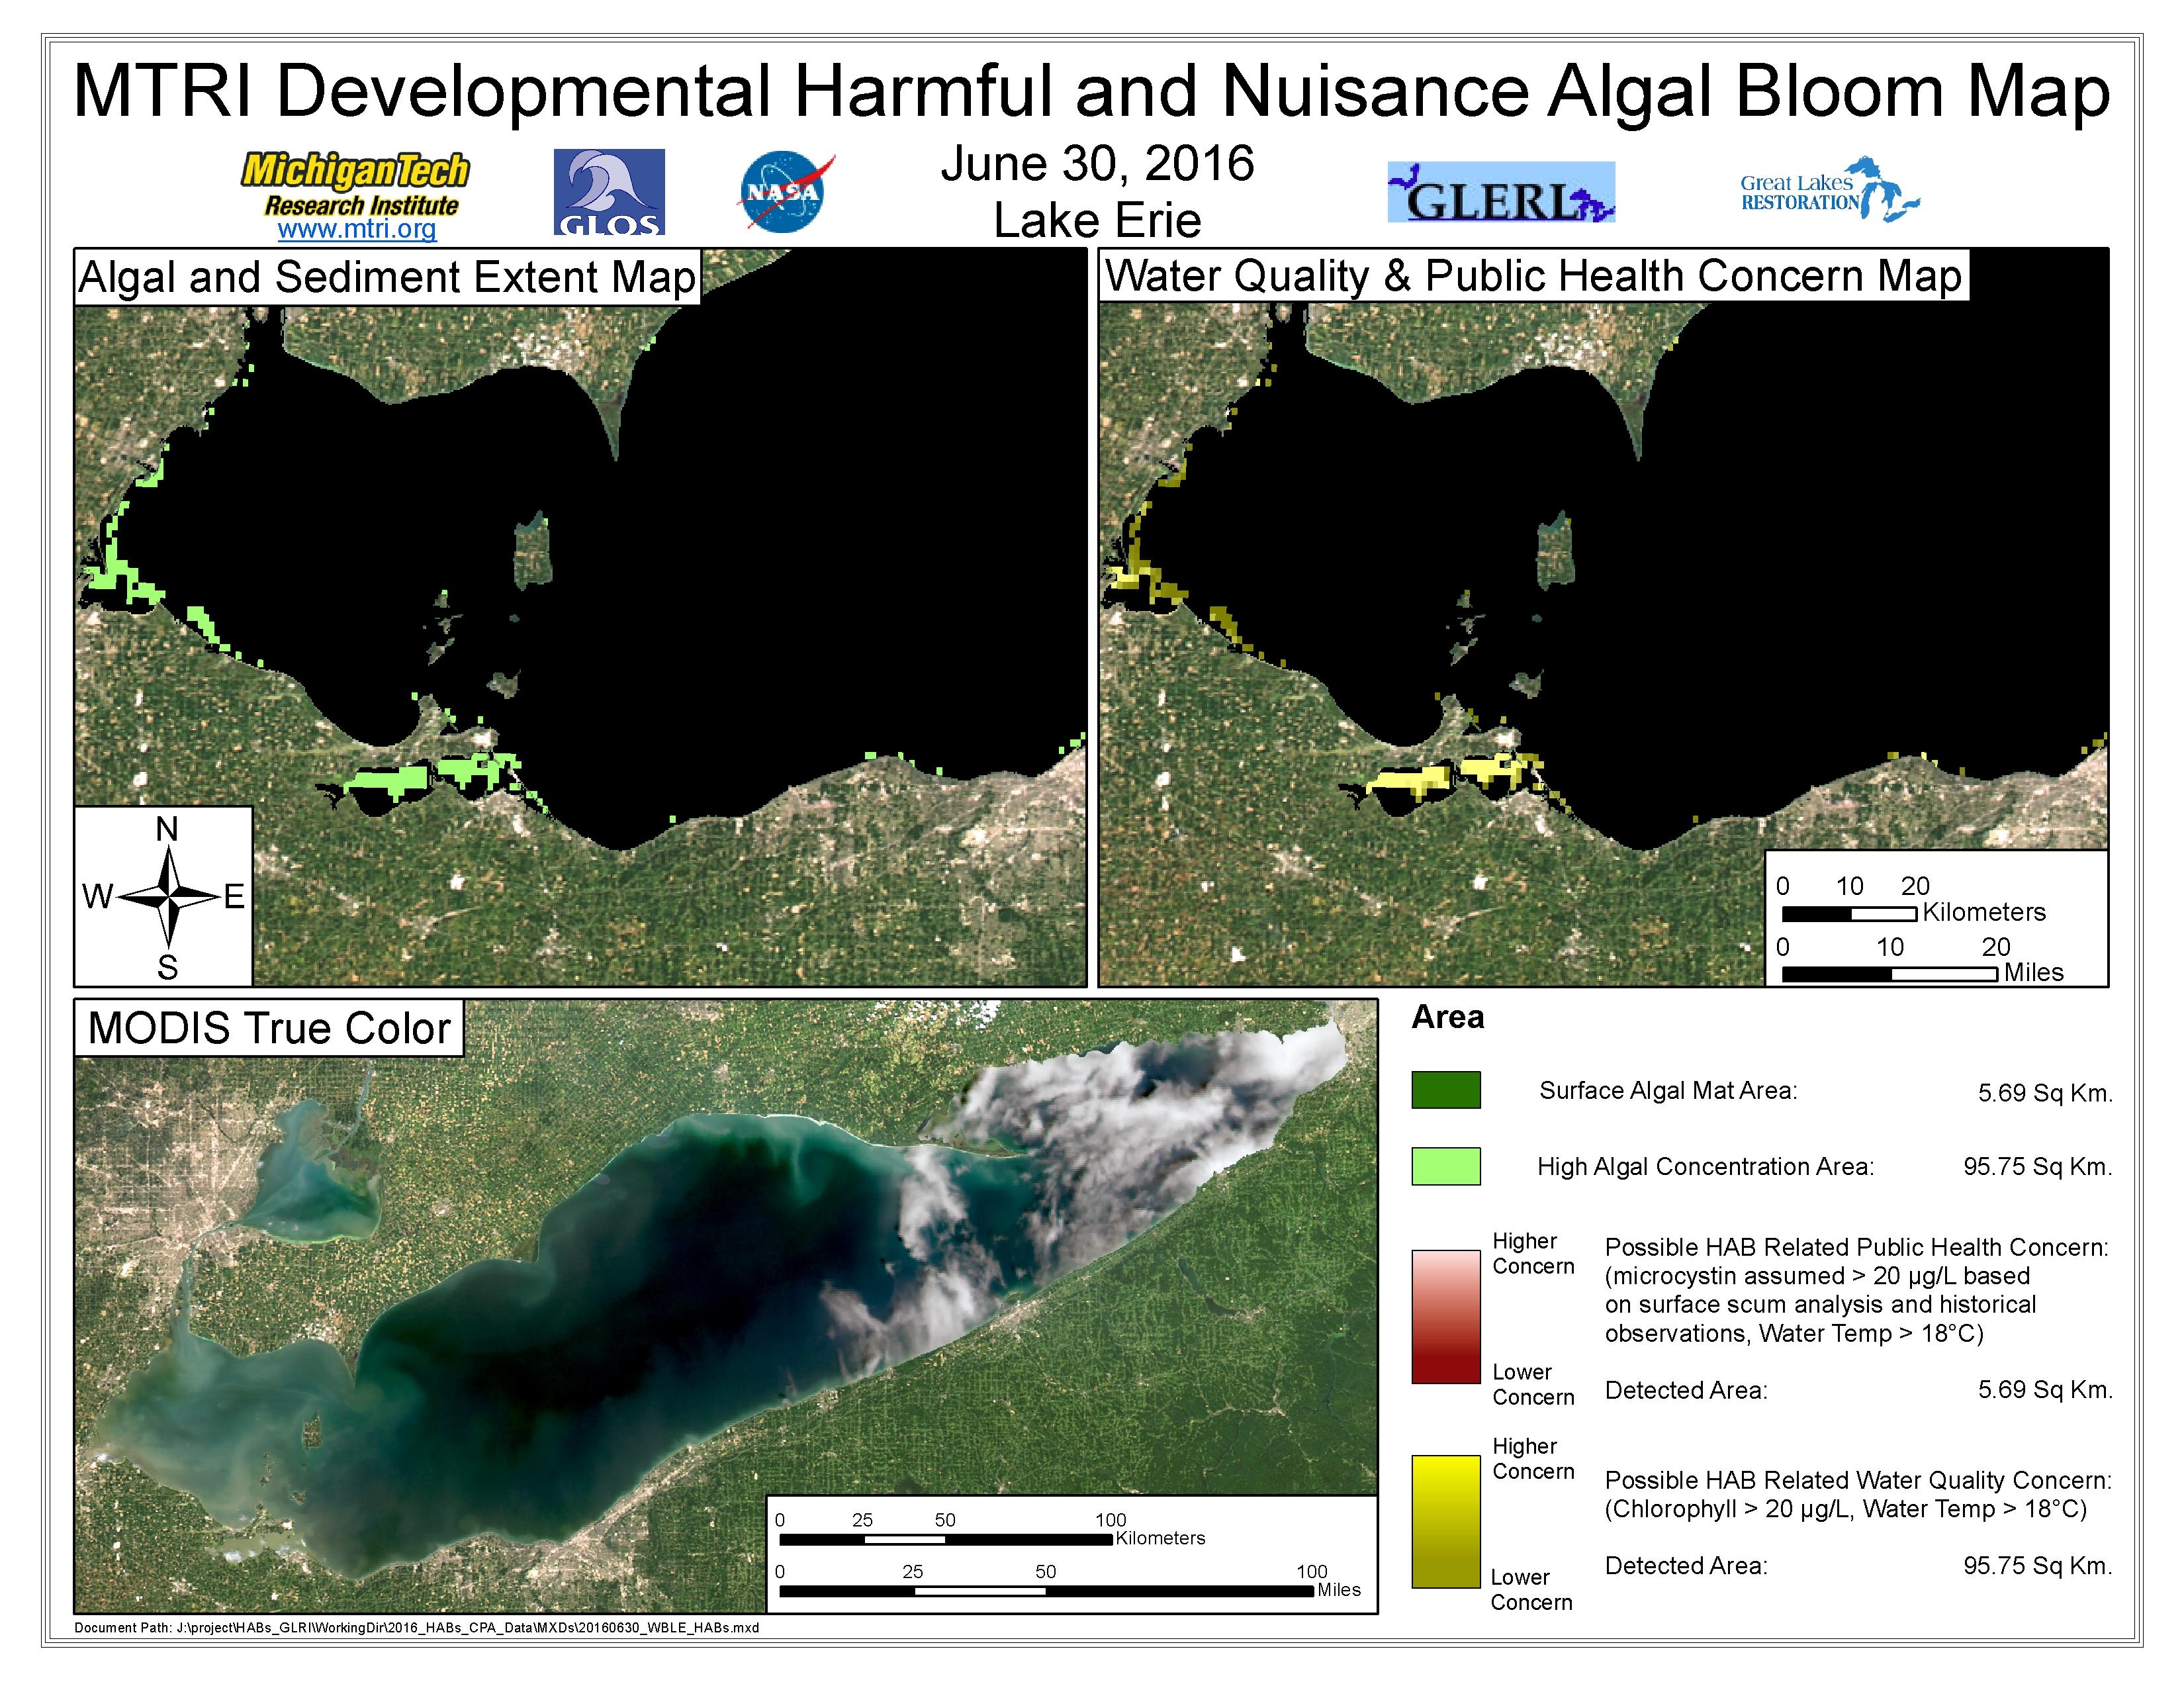 MODIS Aqua retrieval June 30, 2016